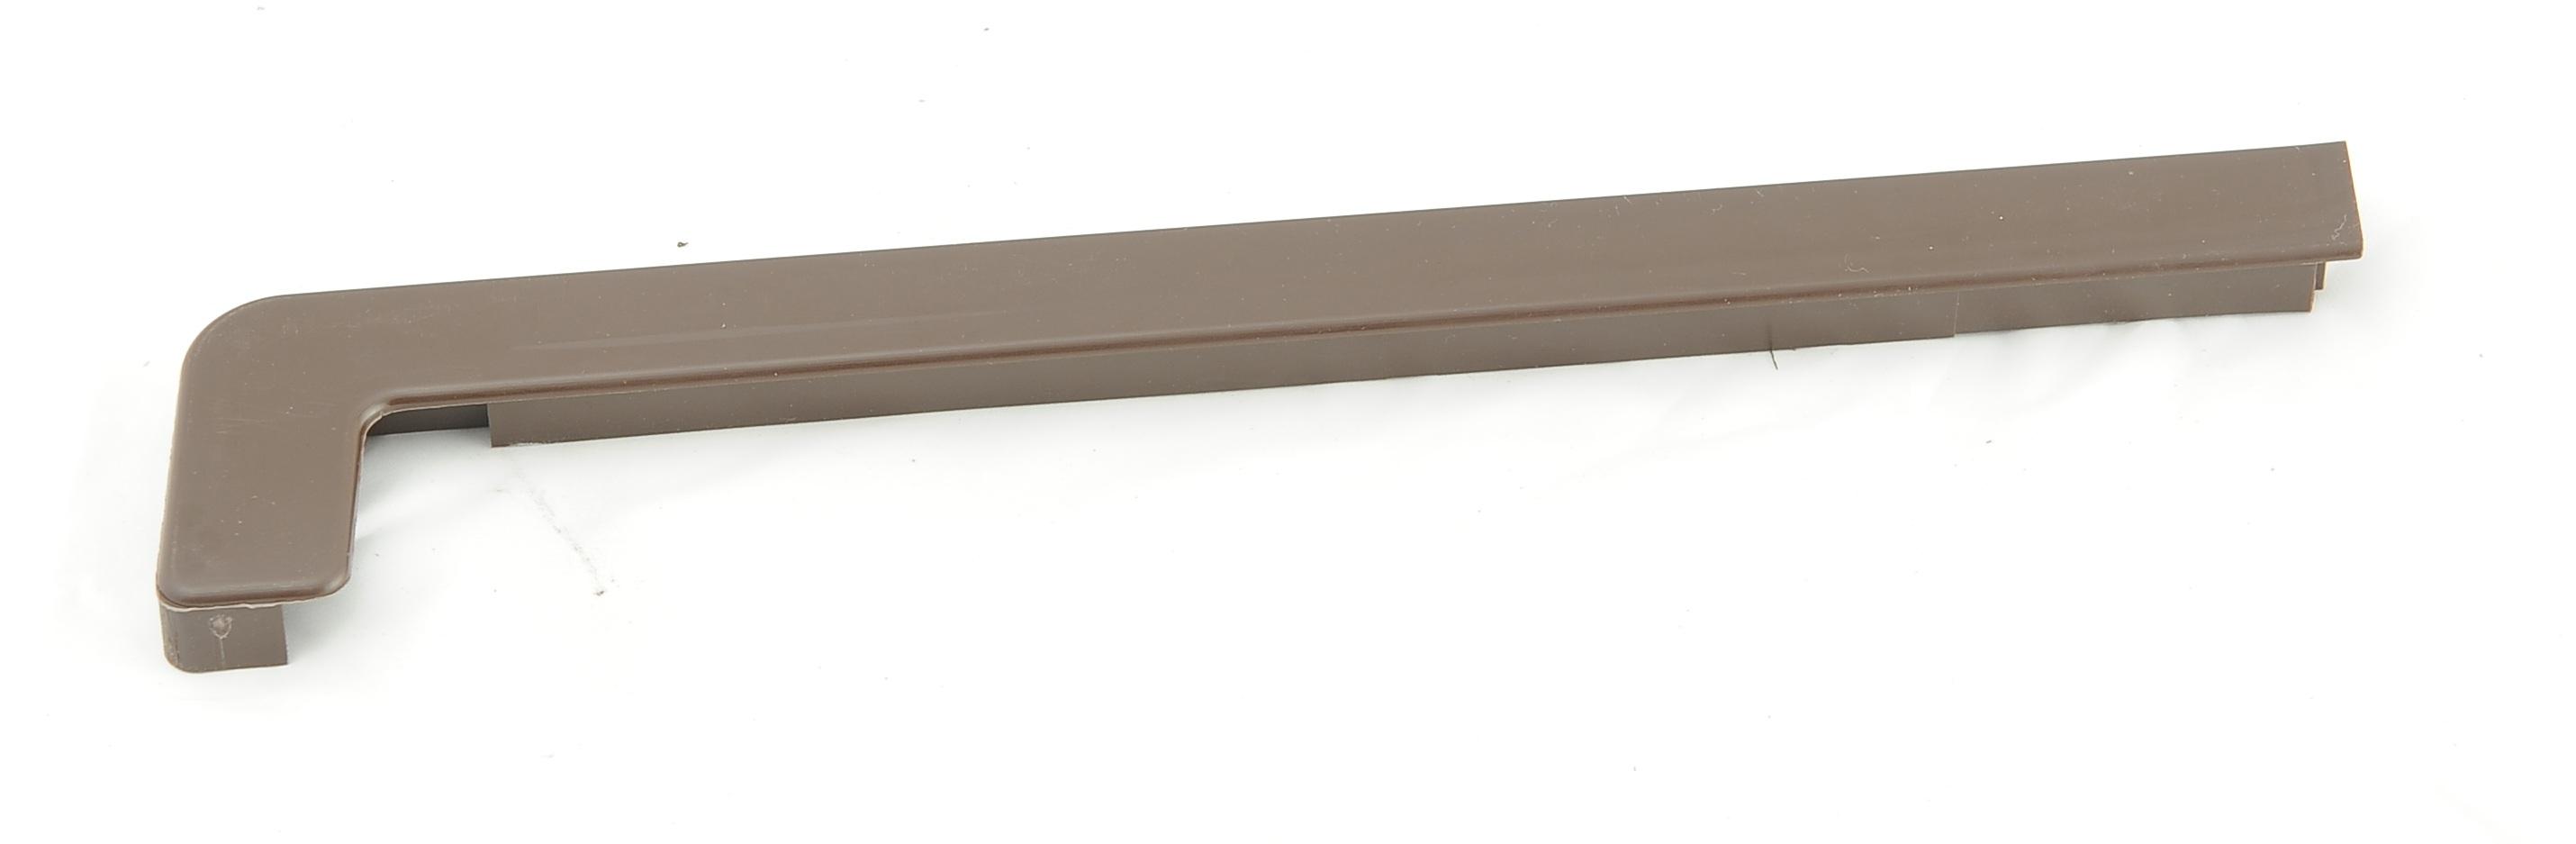 Plastová krytka k hliníkovým ohýbaným parapetům 260 až 320 mm